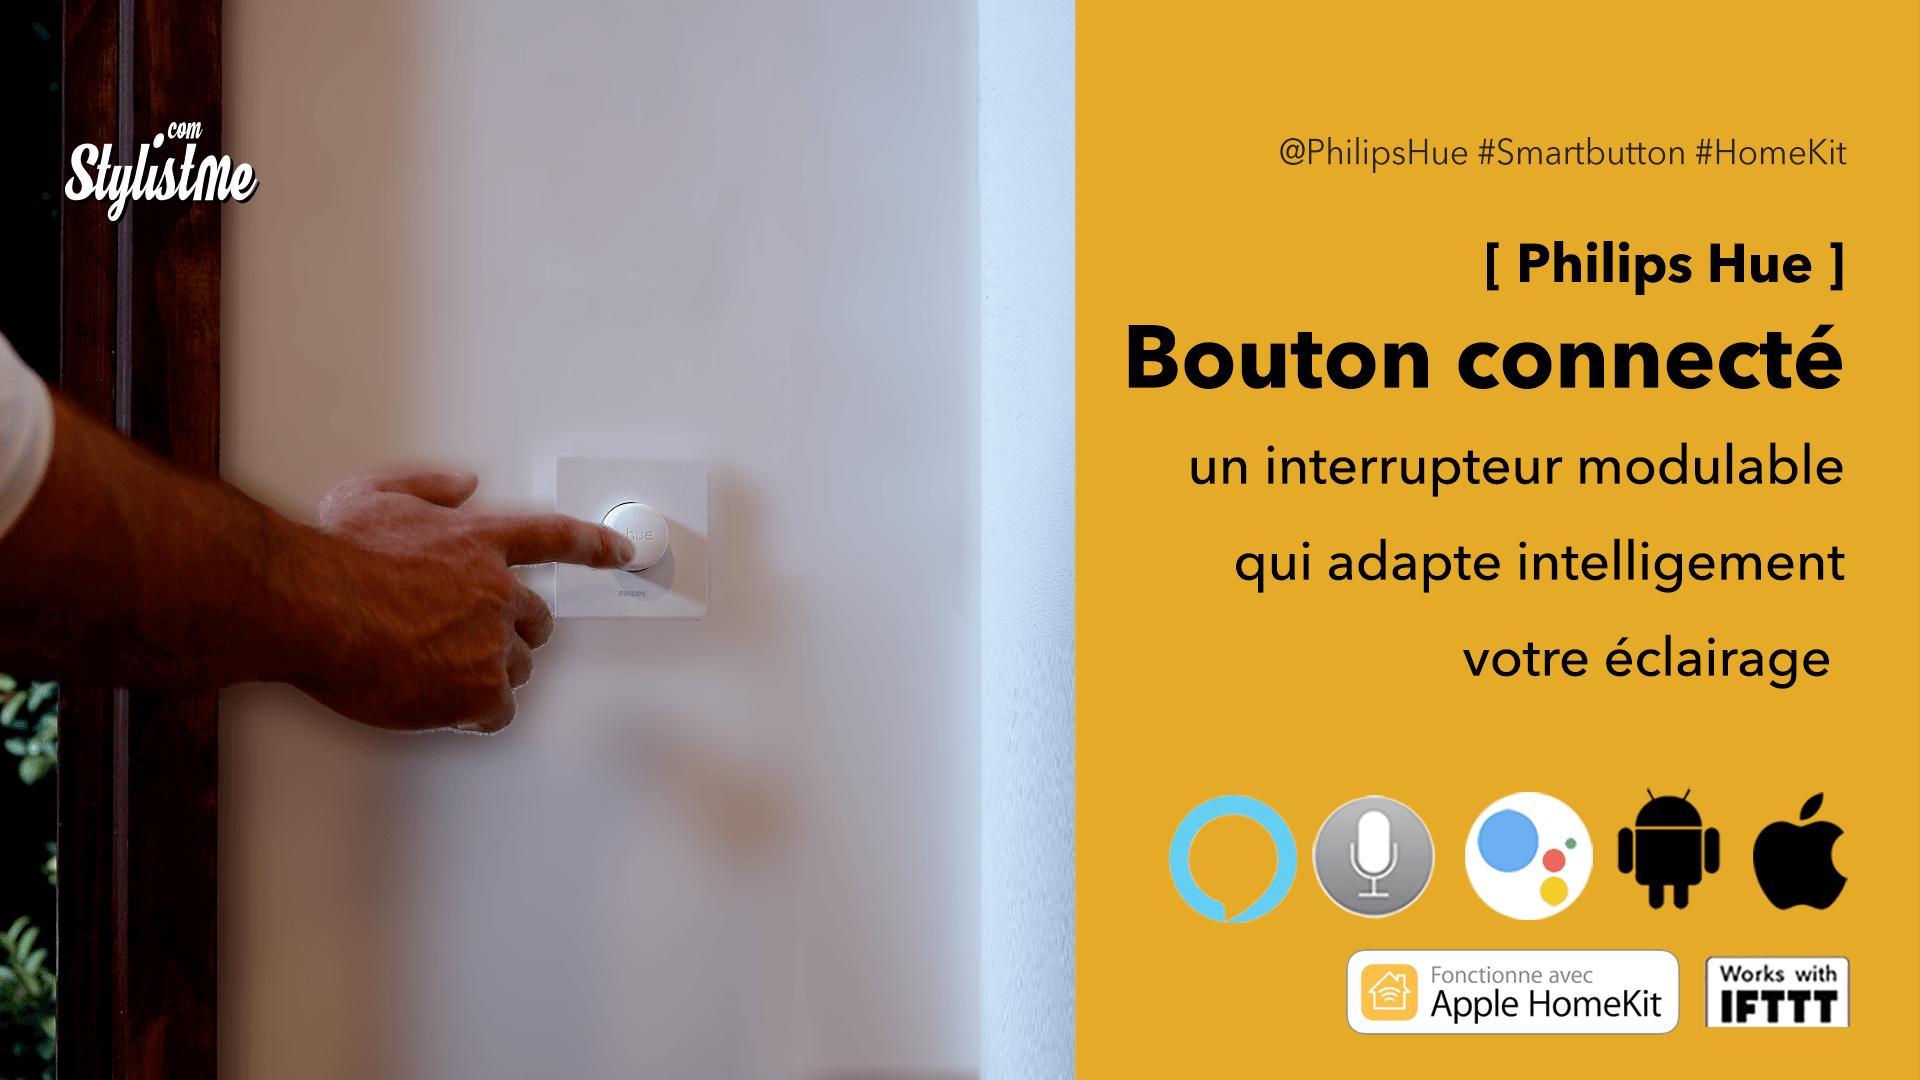 Bouton connecté Philips Hue prix test avis interrupteur connecté